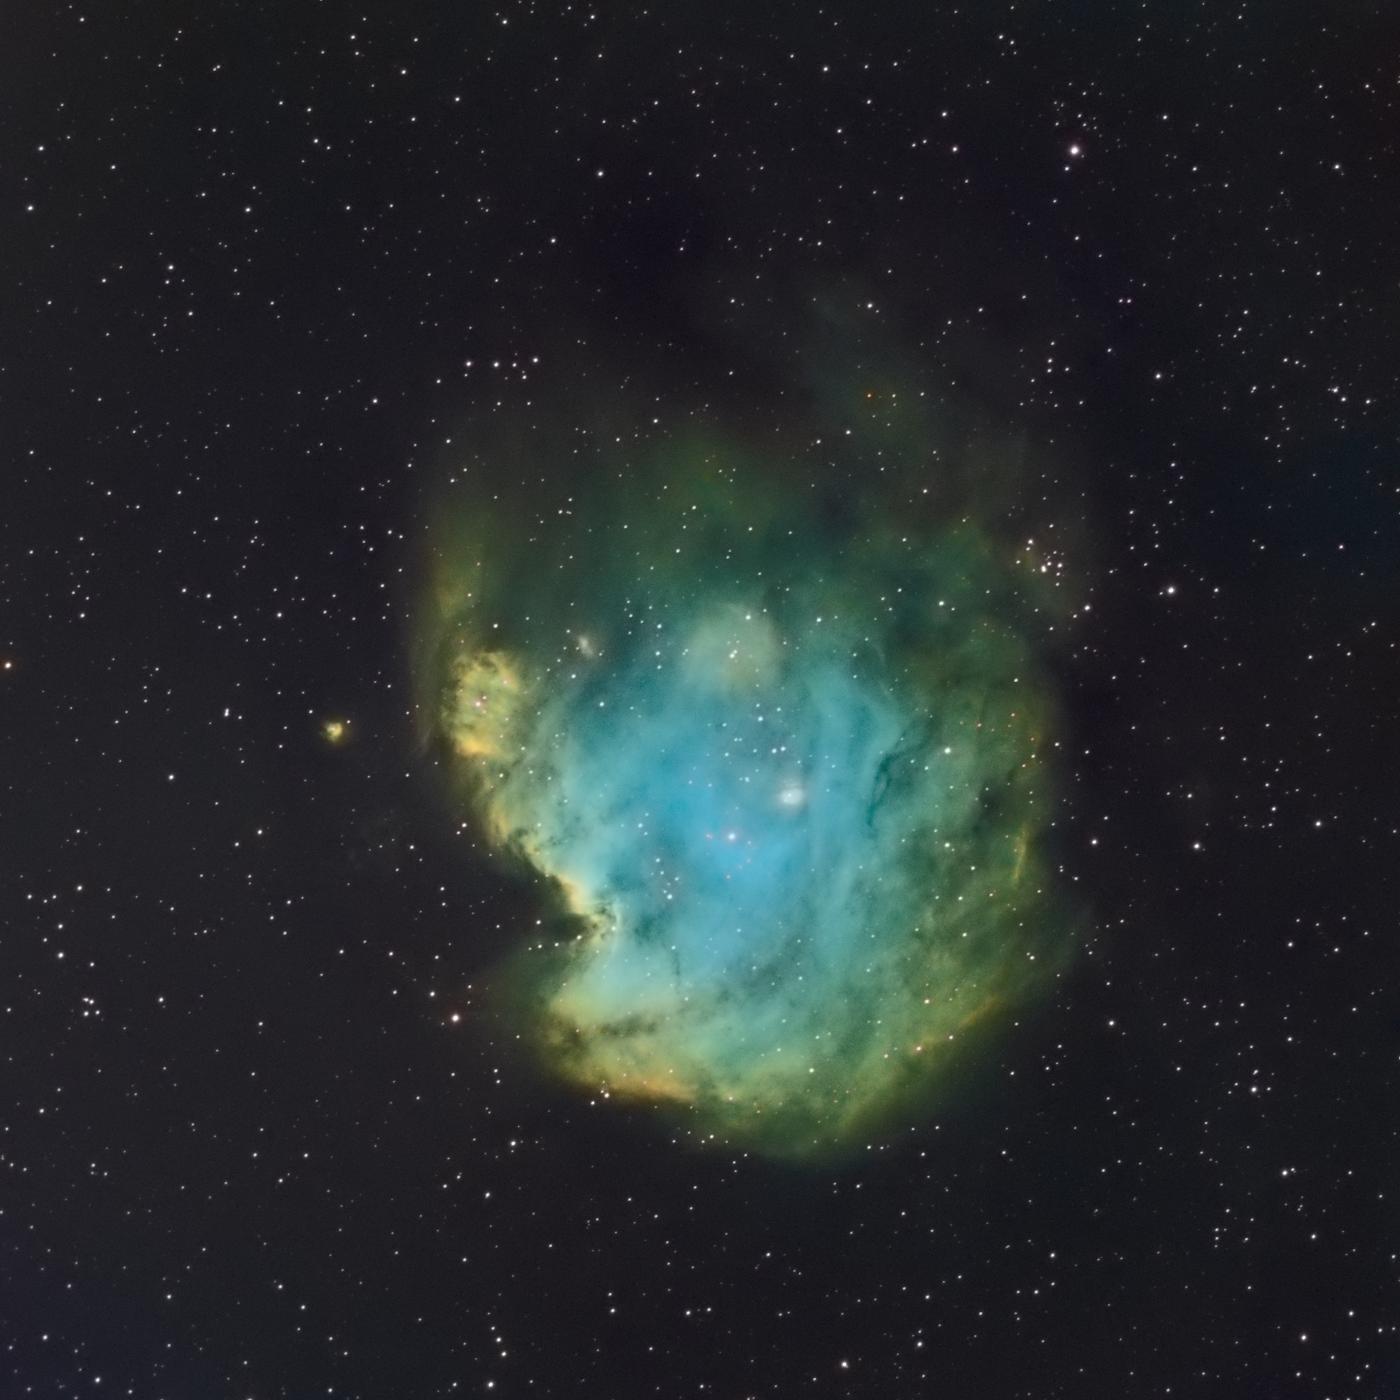 La nébuleuse du singe NGC 2174